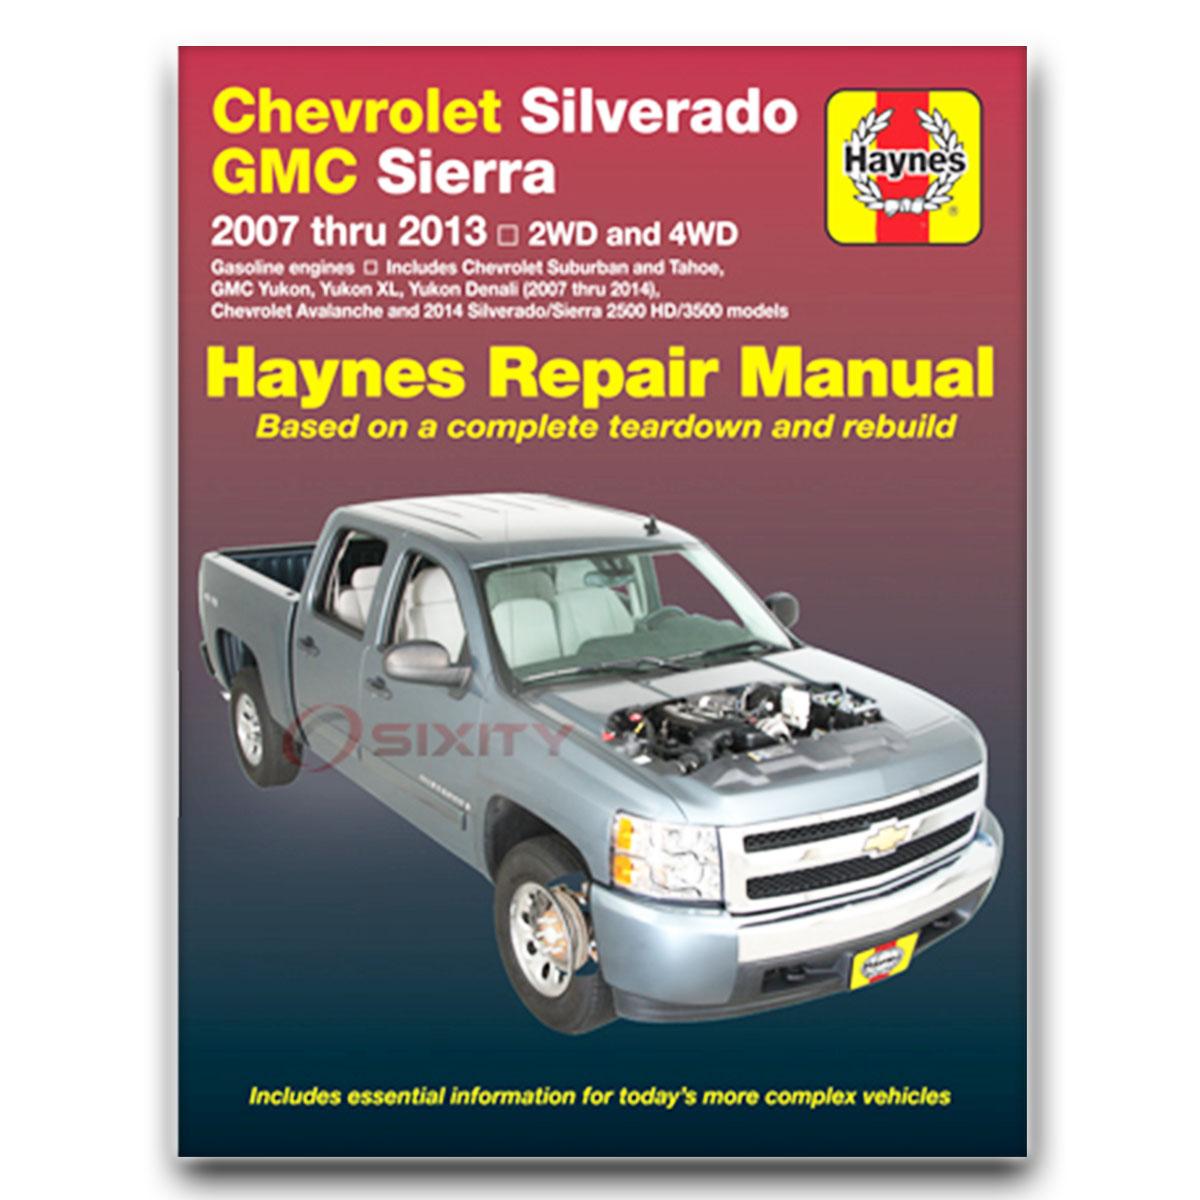 chevy silverado 3500 hd haynes repair manual wt lt ltz shop service rh ebay com GMC Sierra 3500 Chevy 3500HD MPG